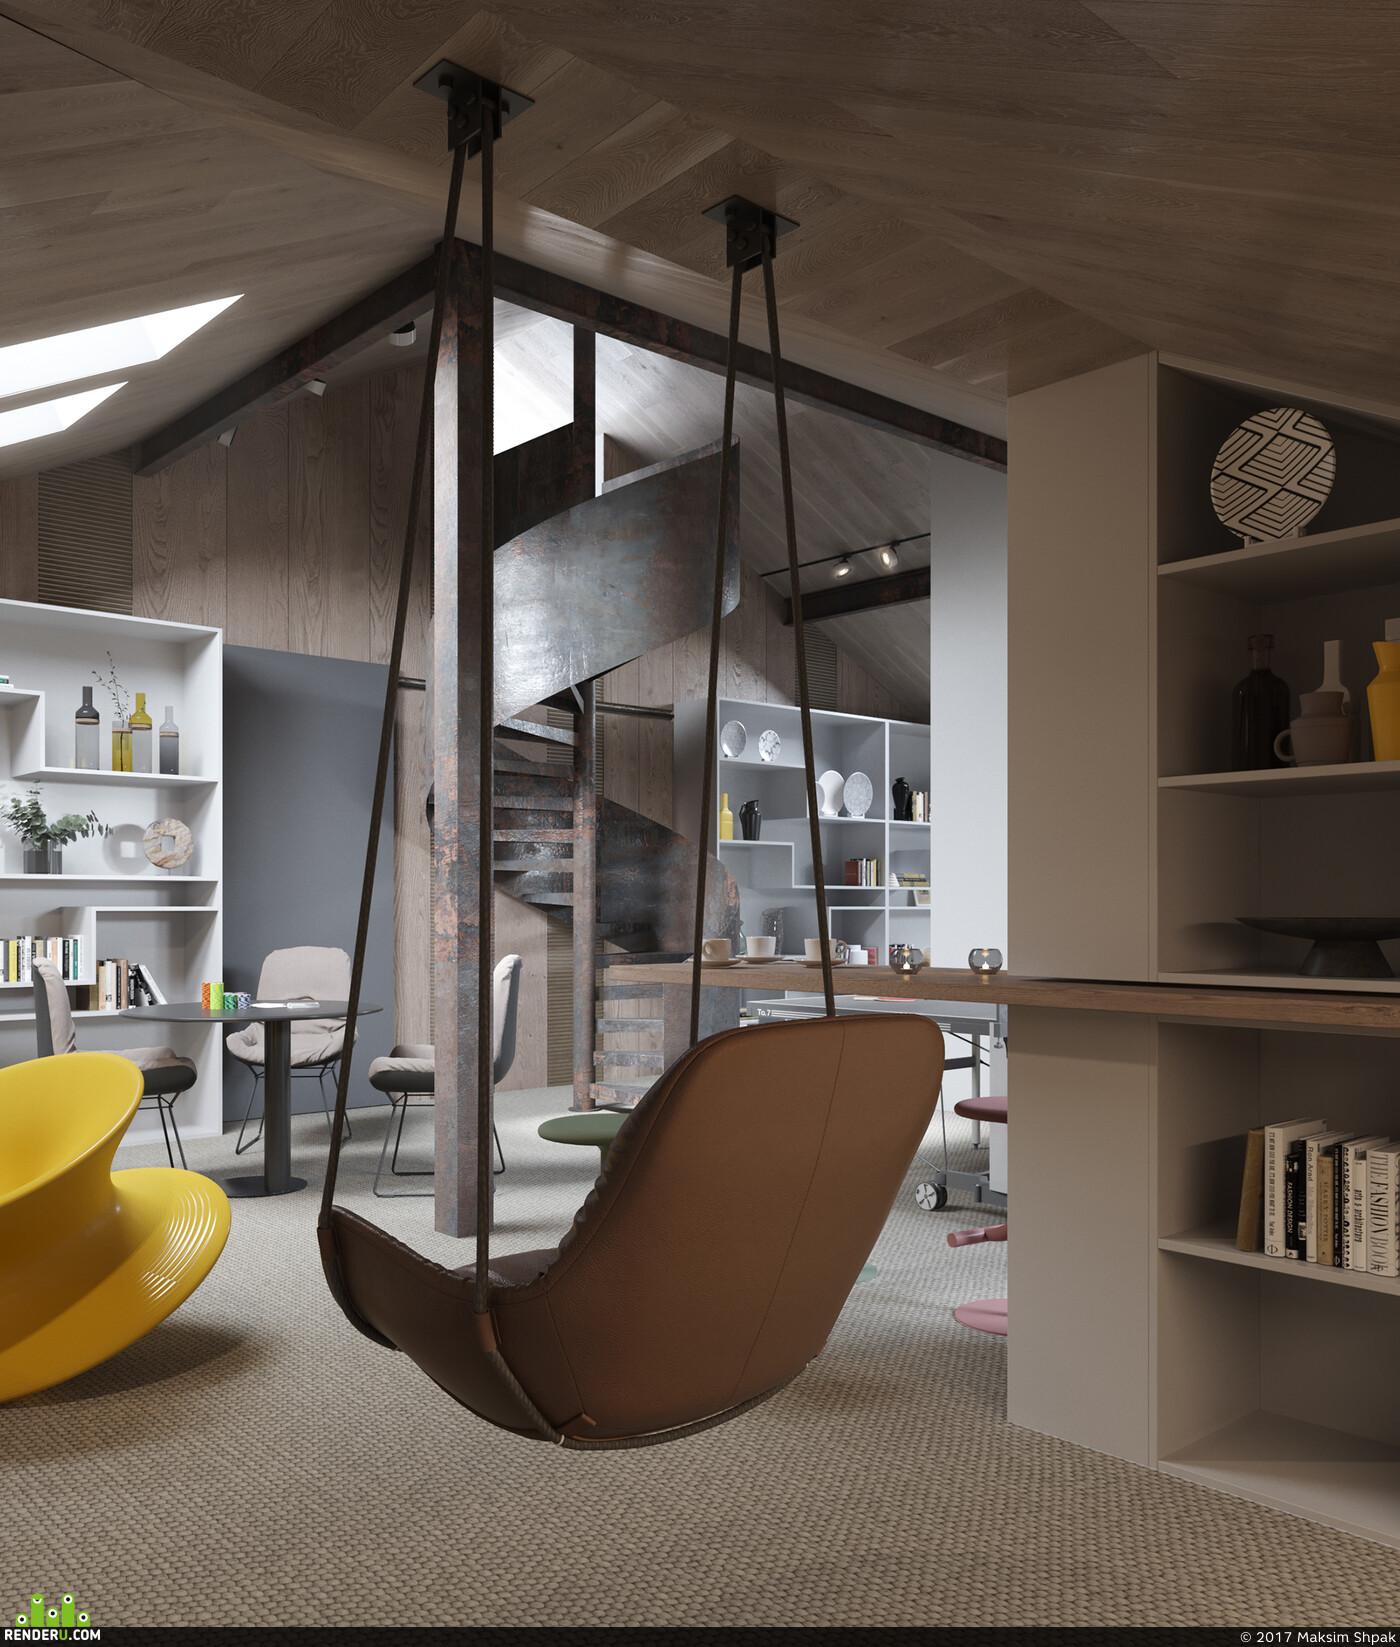 дизайн интерьера, дизайн, визуализация, архитектурная визуализация, 3д визуализация